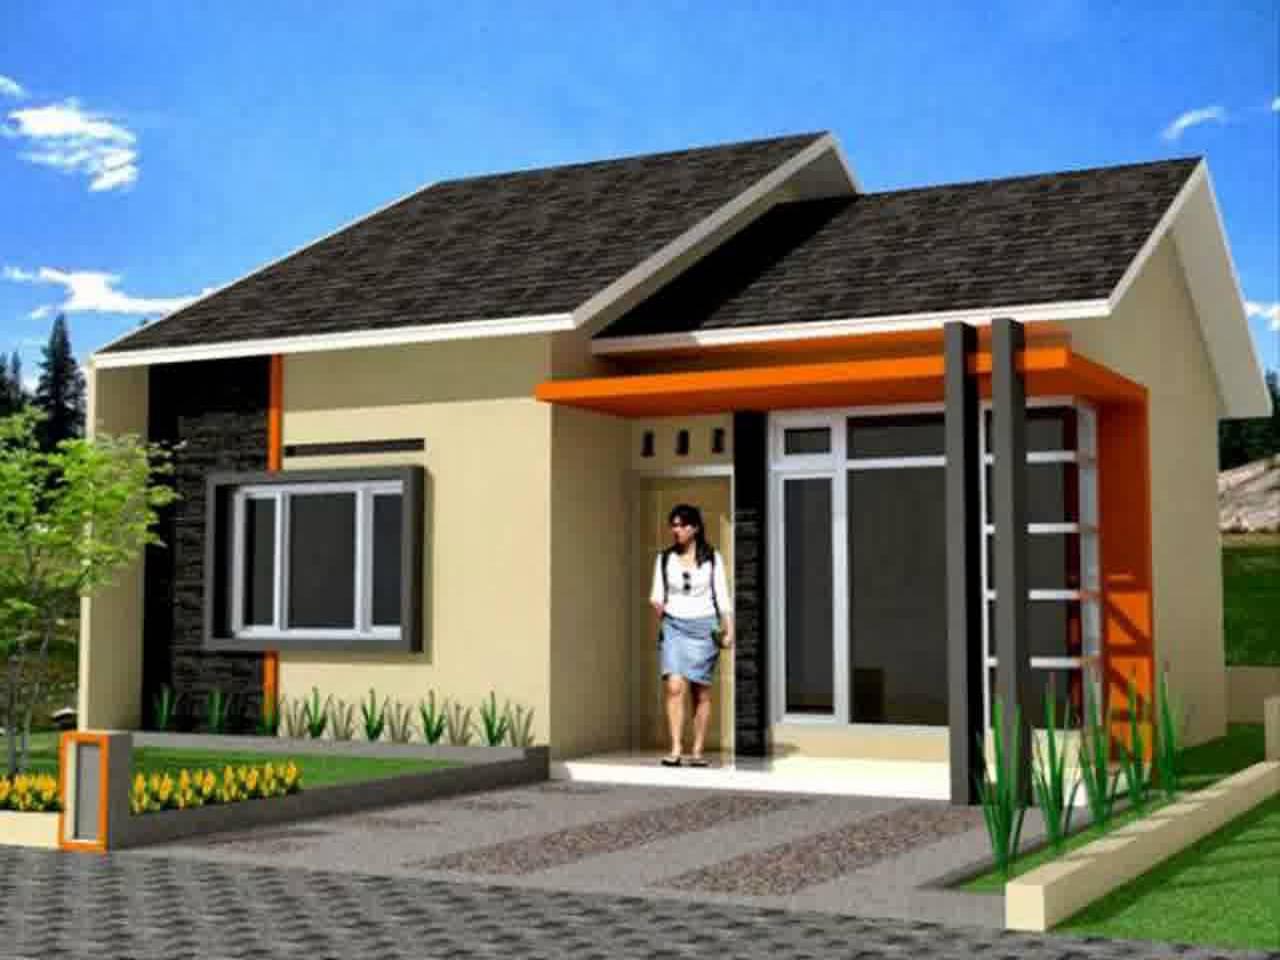 Cemerlang 21 Gambar Rumah Minimalis Ukuran 7x12 67 Di Ide Dekorasi Rumah untuk 21 Gambar Rumah Minimalis Ukuran 7x12